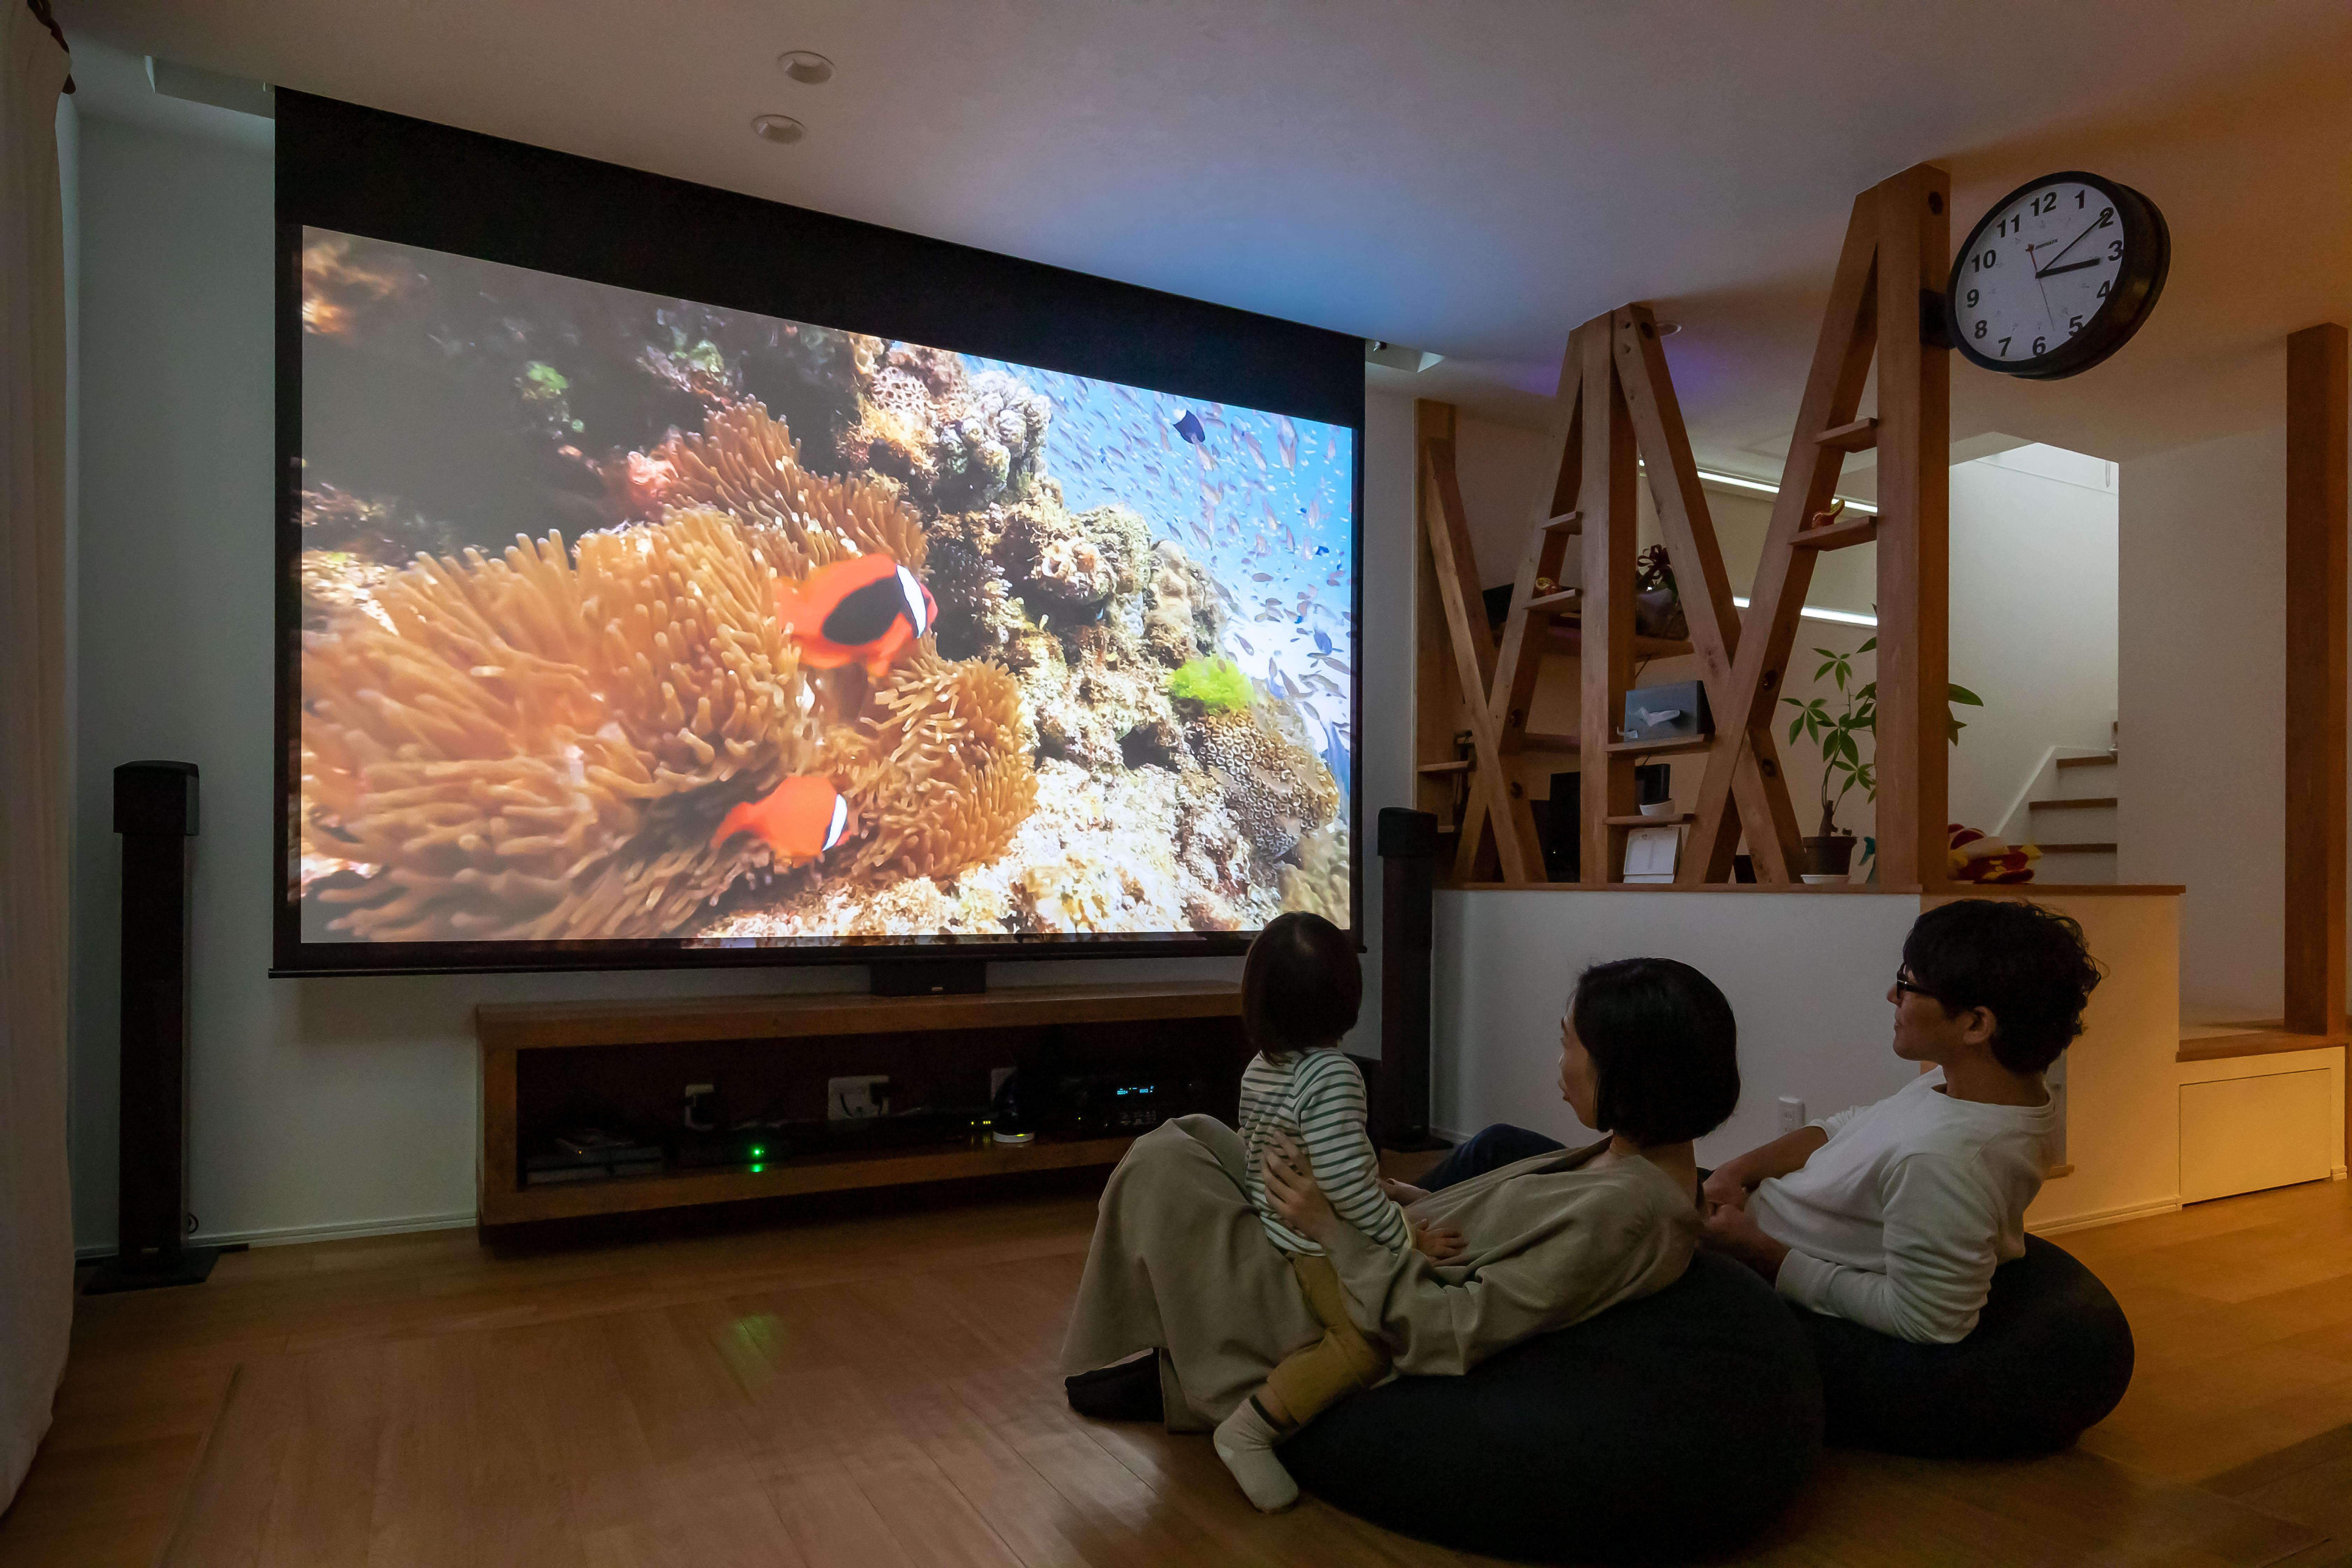 アルファホーム【デザイン住宅、収納力、間取り】リビングにはホームシアターがあり、家族が集まればあっという間に映画館に変貌する